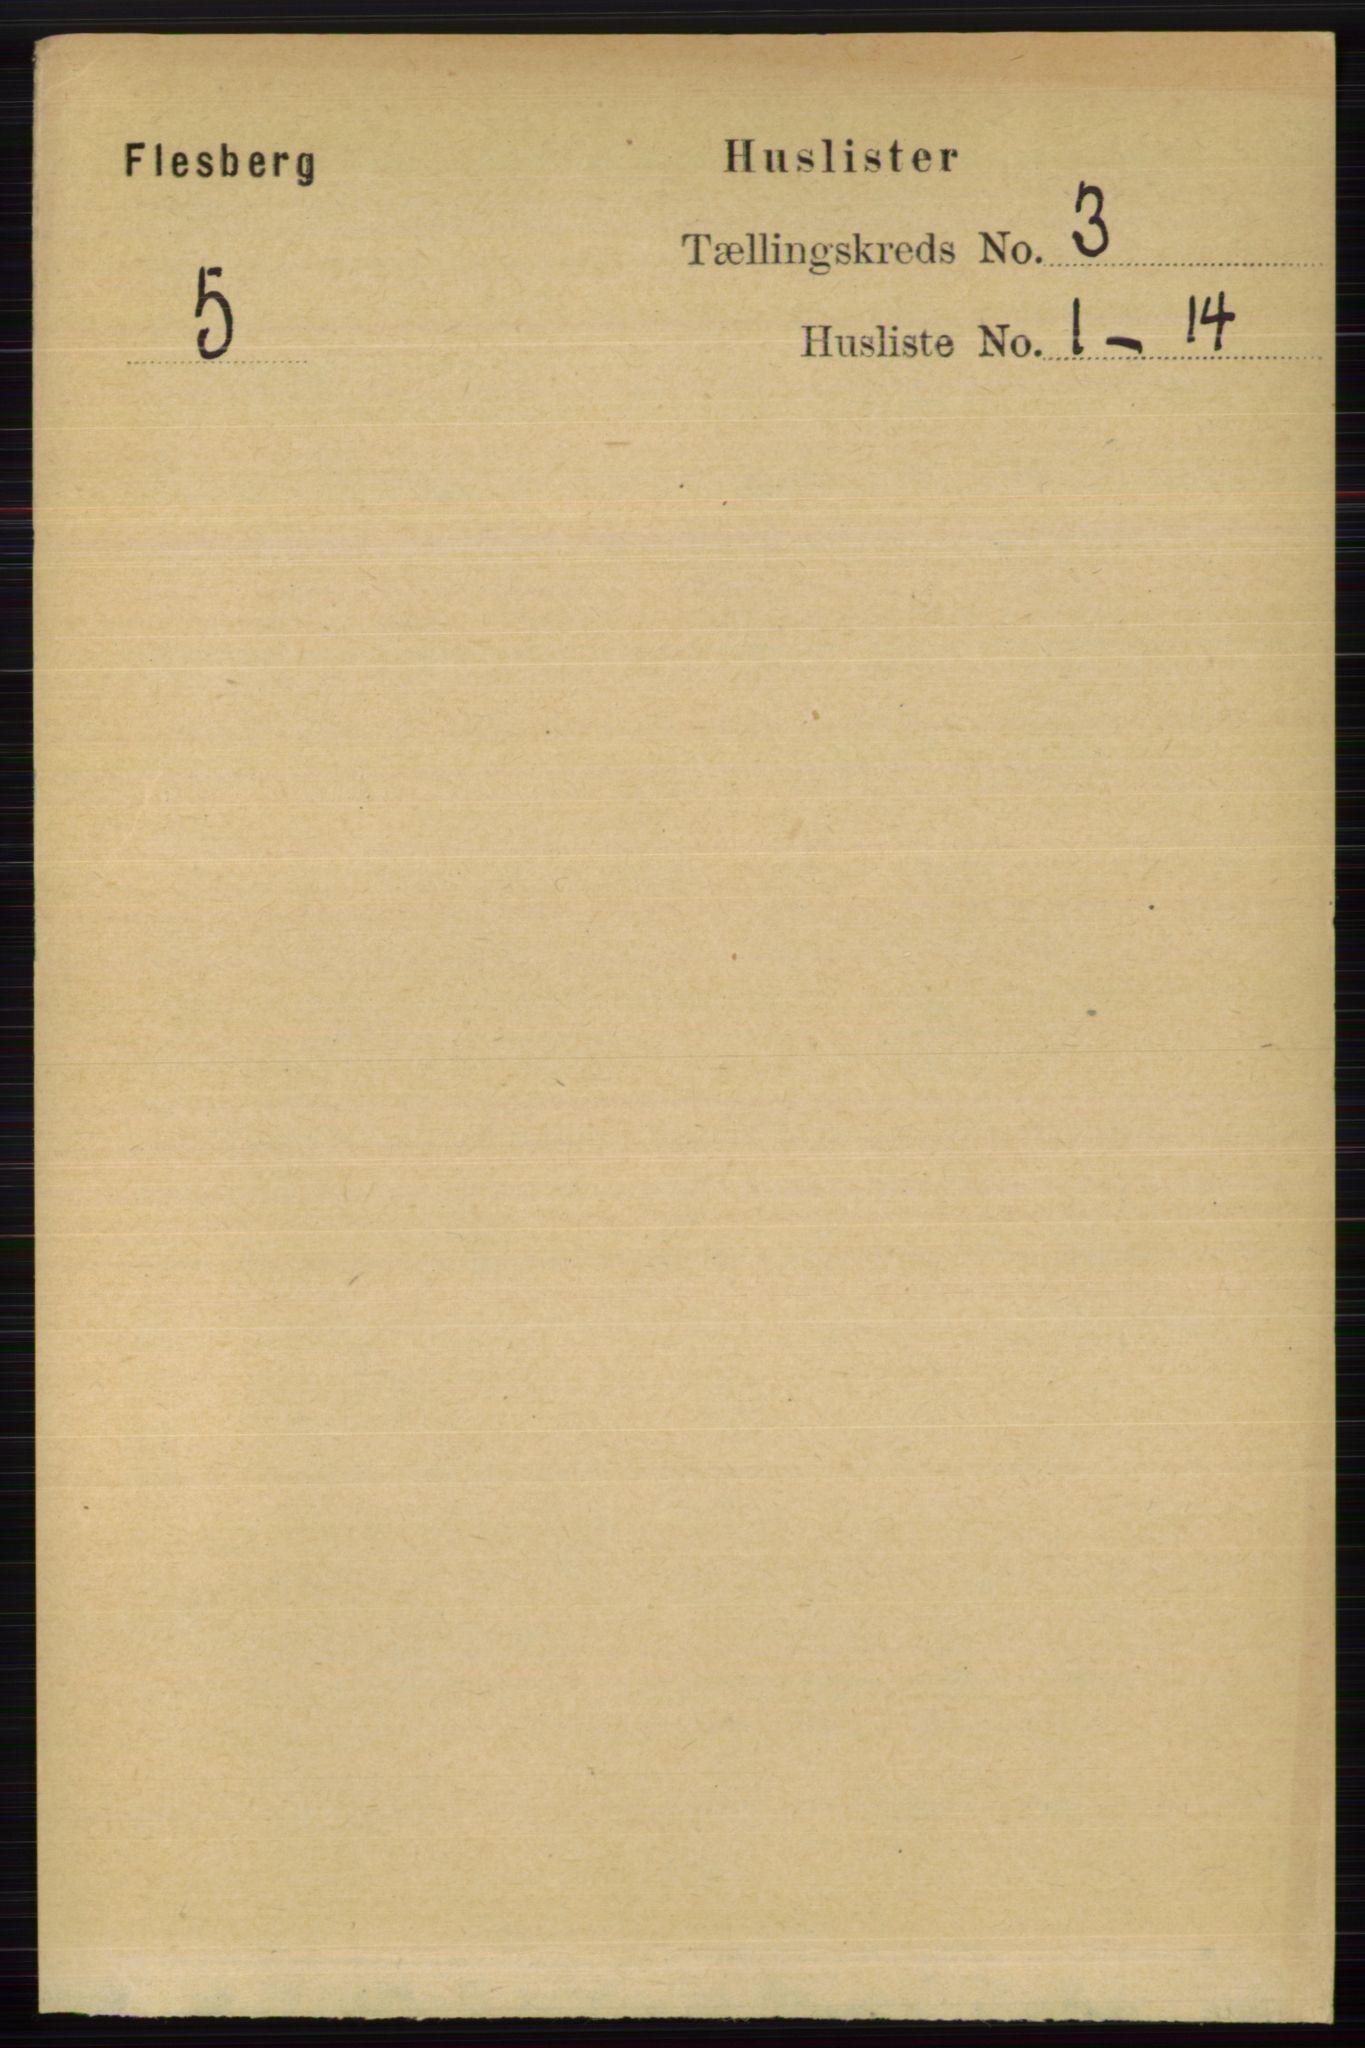 RA, Folketelling 1891 for 0631 Flesberg herred, 1891, s. 393